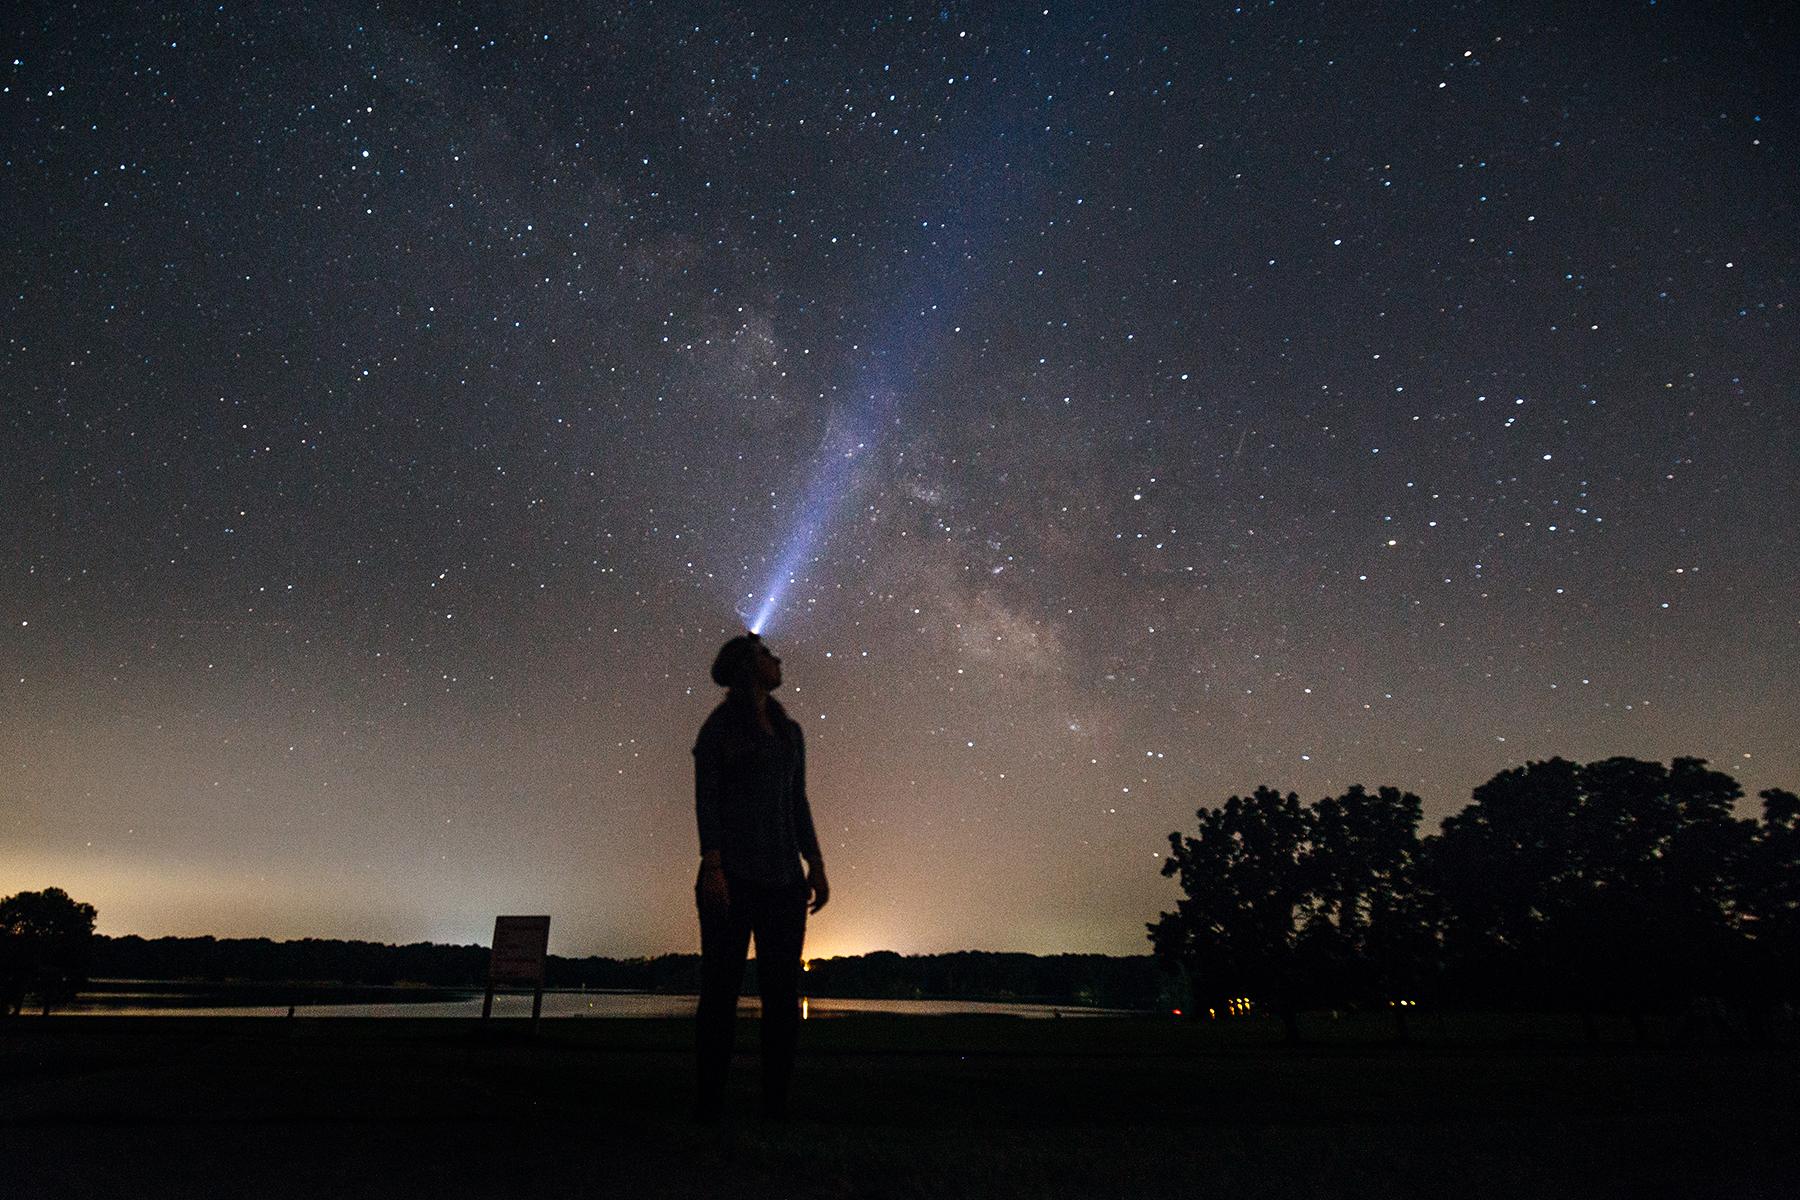 8: Stargazer